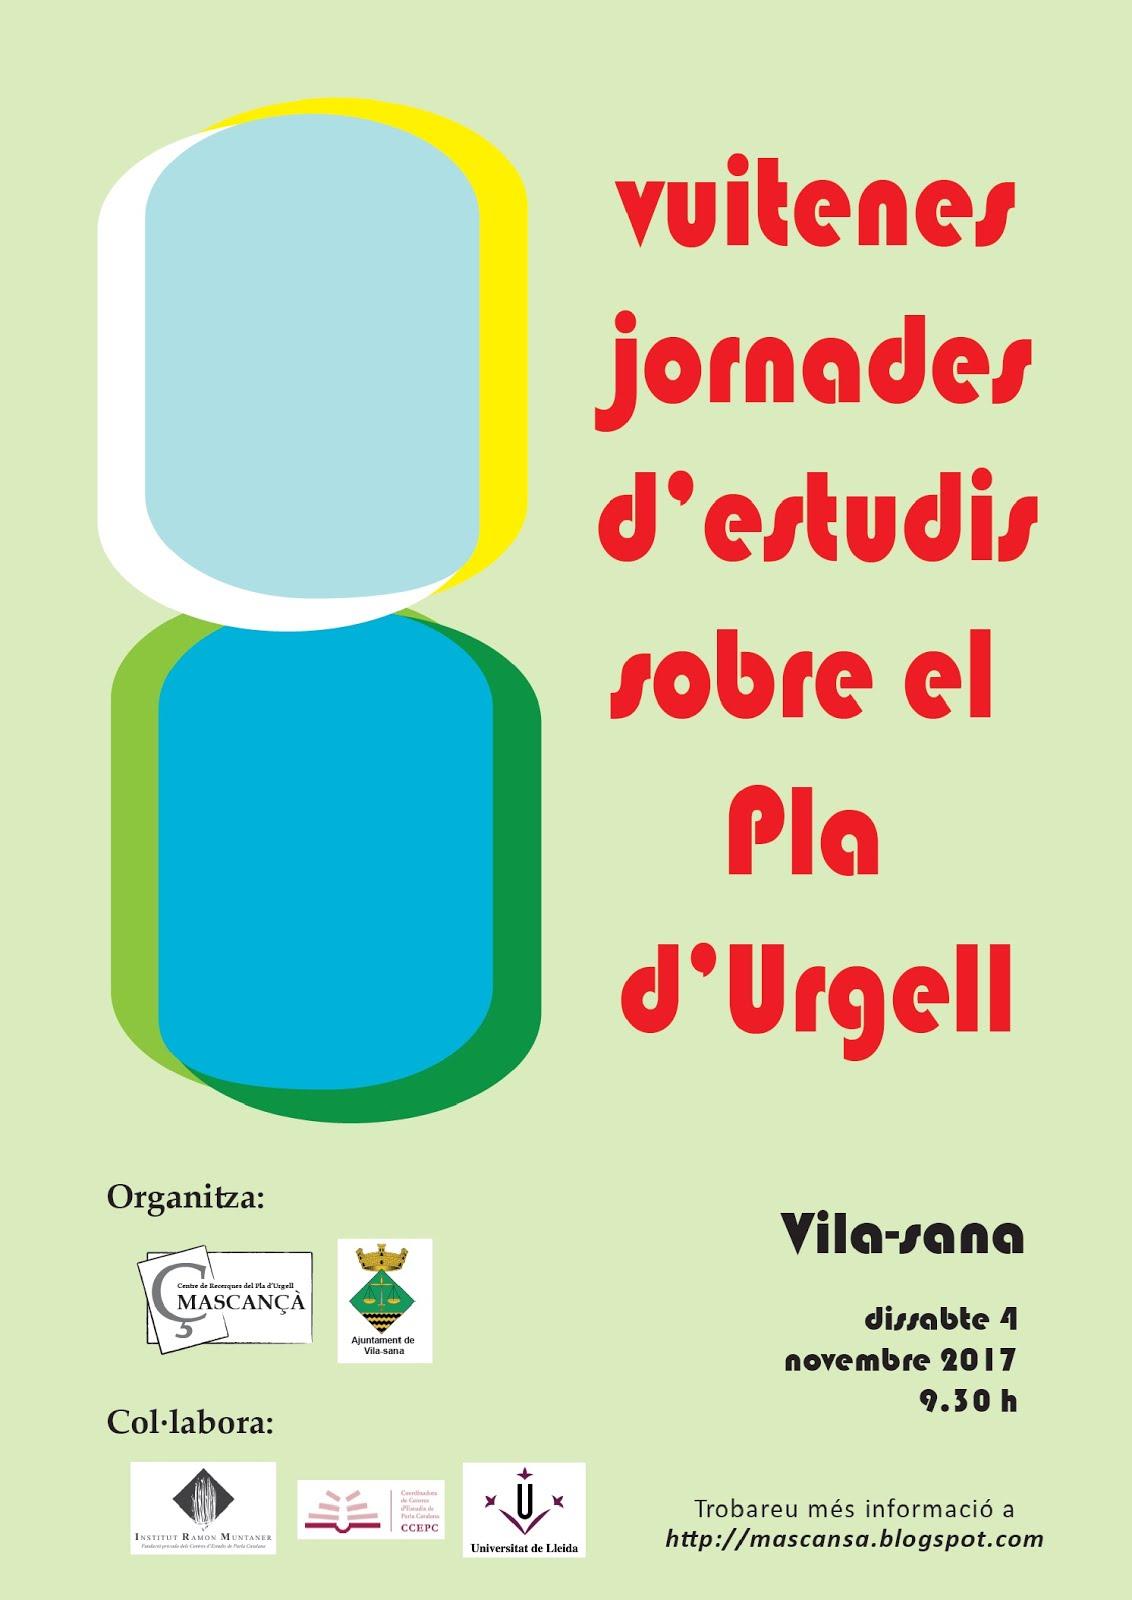 VIII JORNADES D'ESTUDIS SOBRE EL PLA D'URGELL 2017